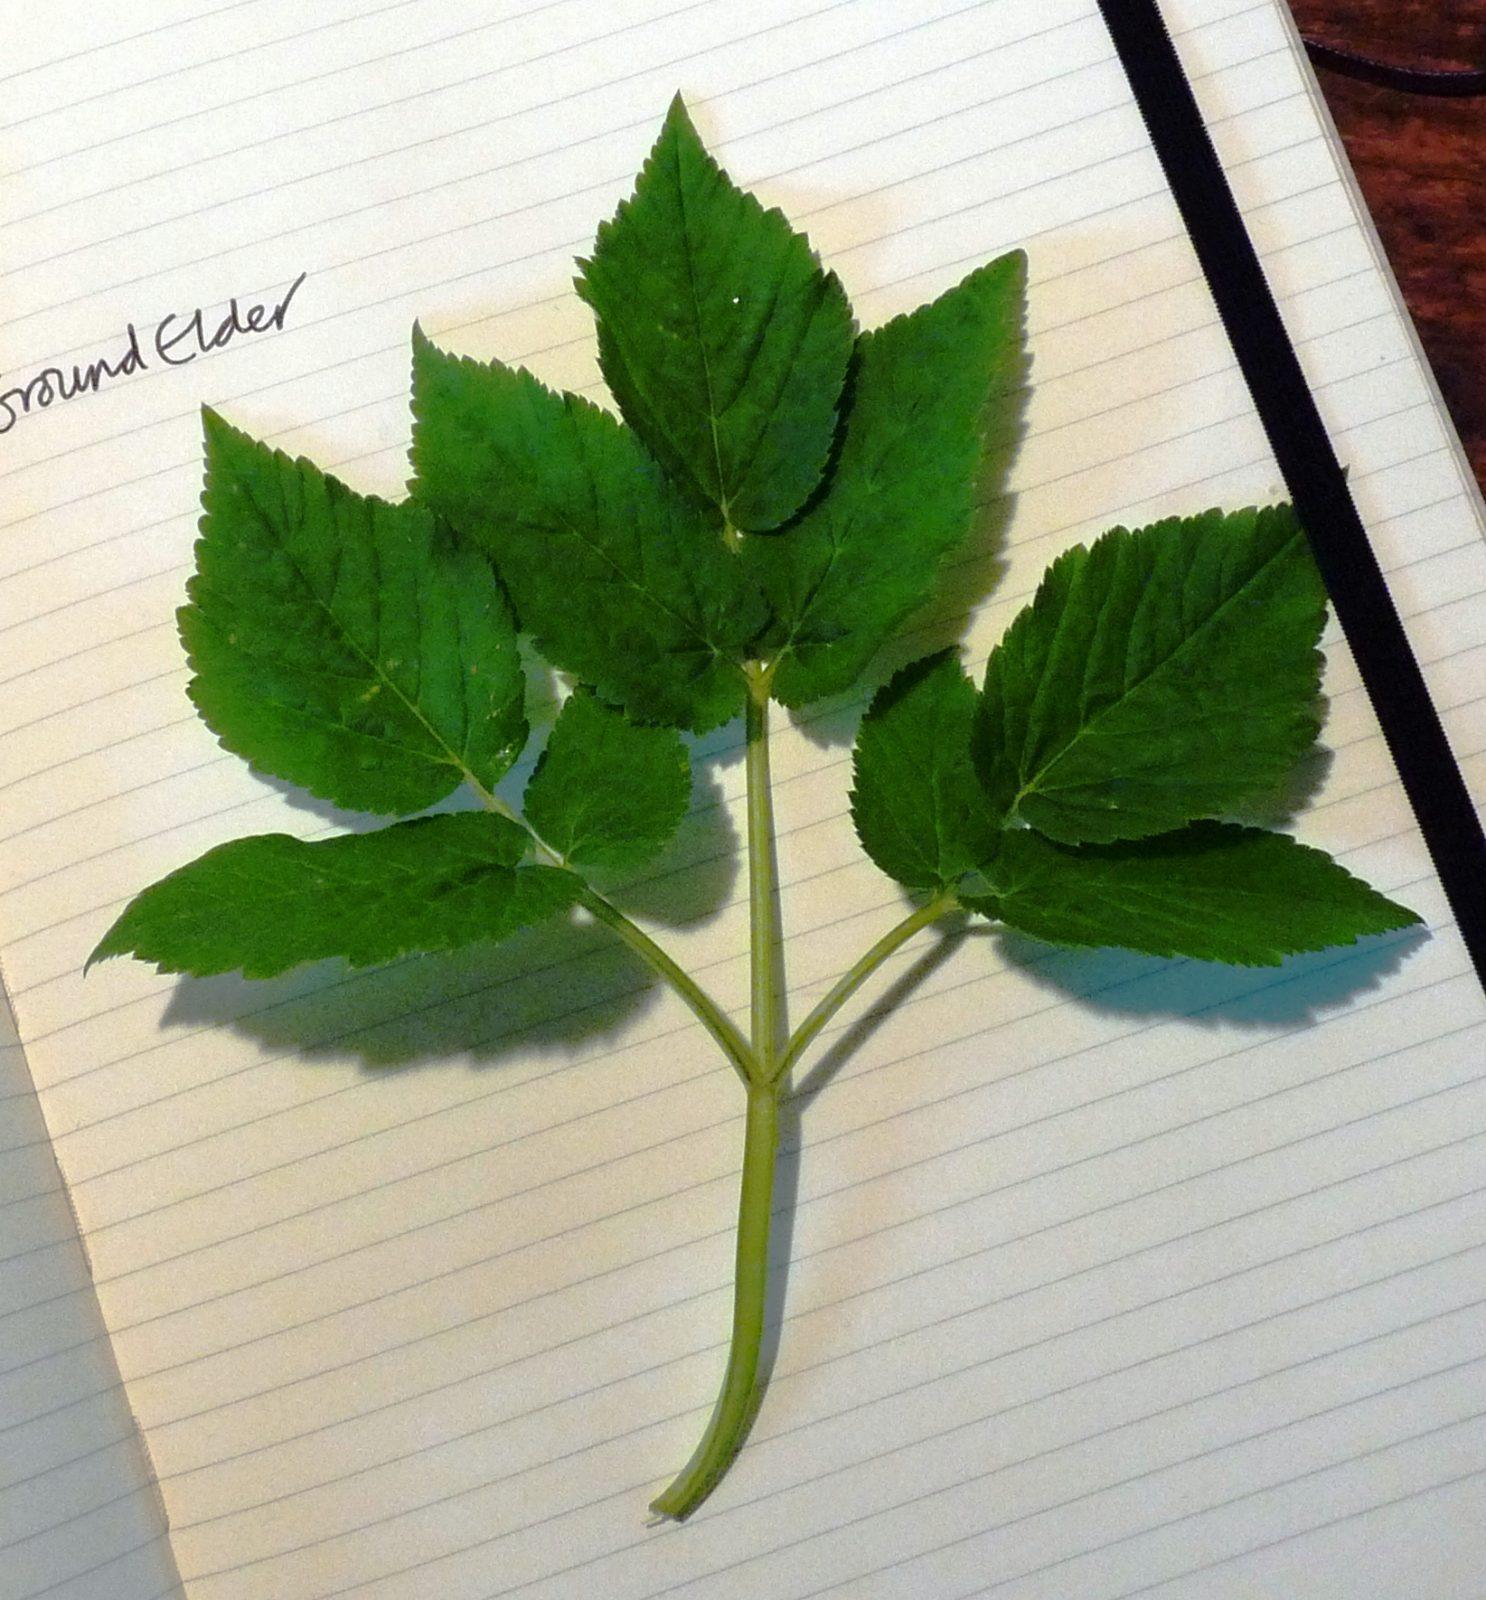 Ground elder leaf